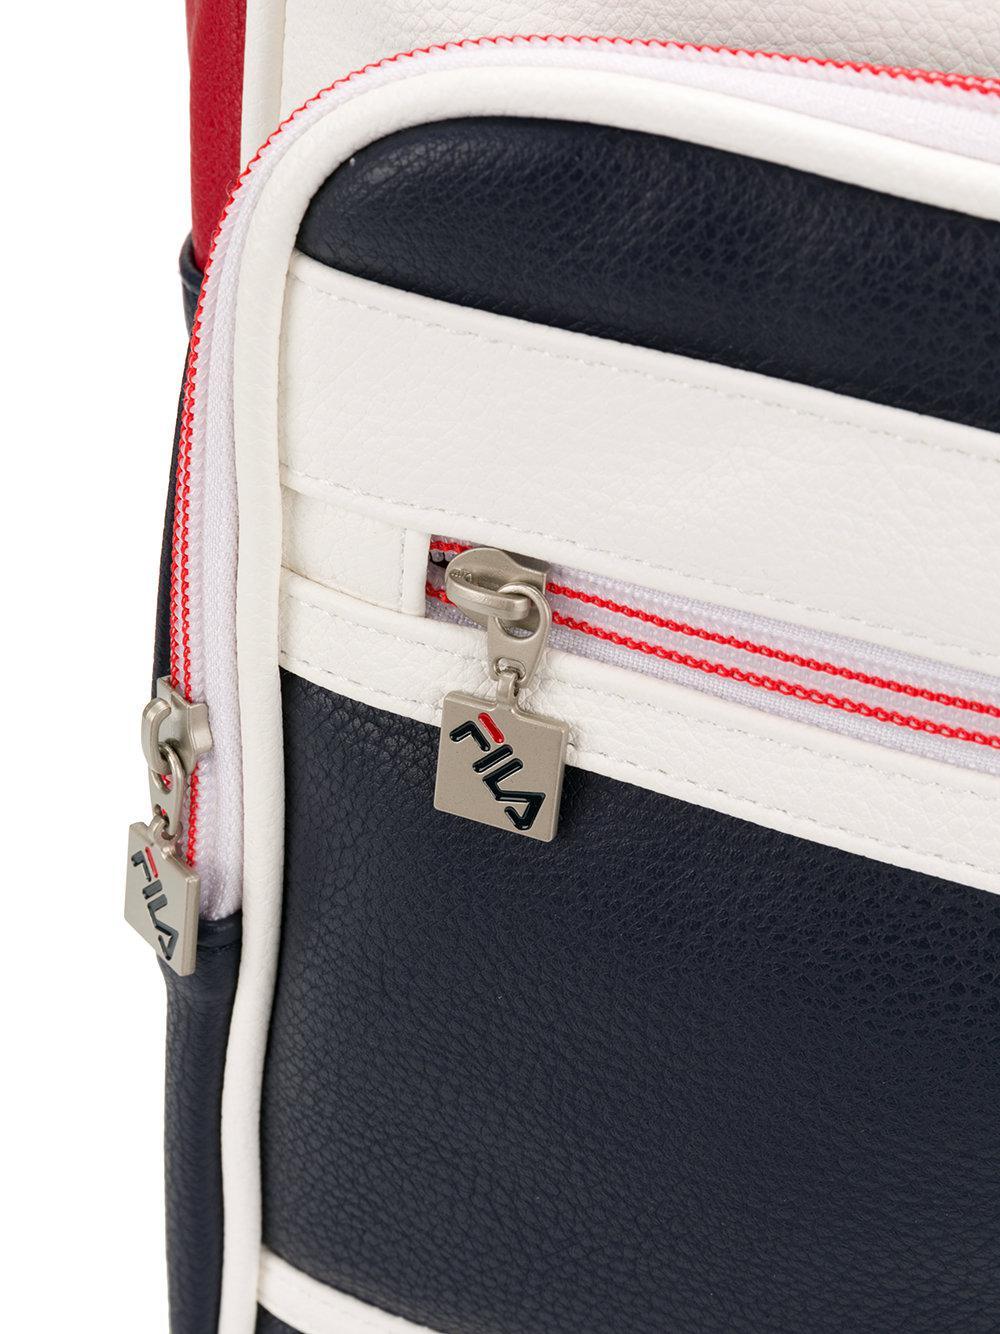 02ac9f8233 Lyst - Fila Colourblocked Basic Backpack in Blue for Men